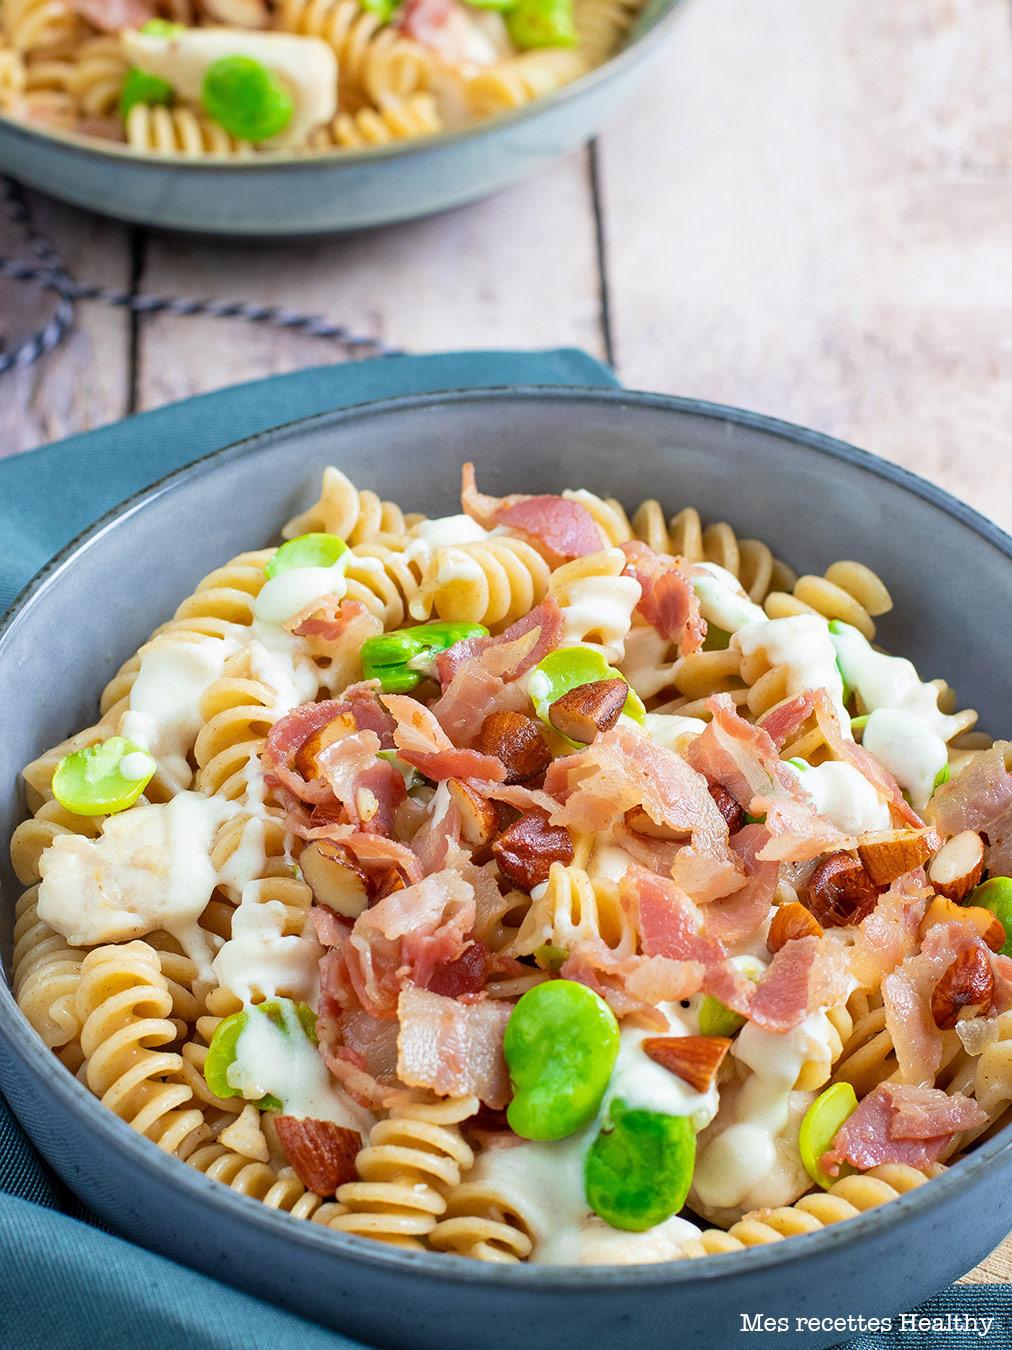 recette healthy-fusilis au fave-pancetta-bacon-pasta-pate-penne